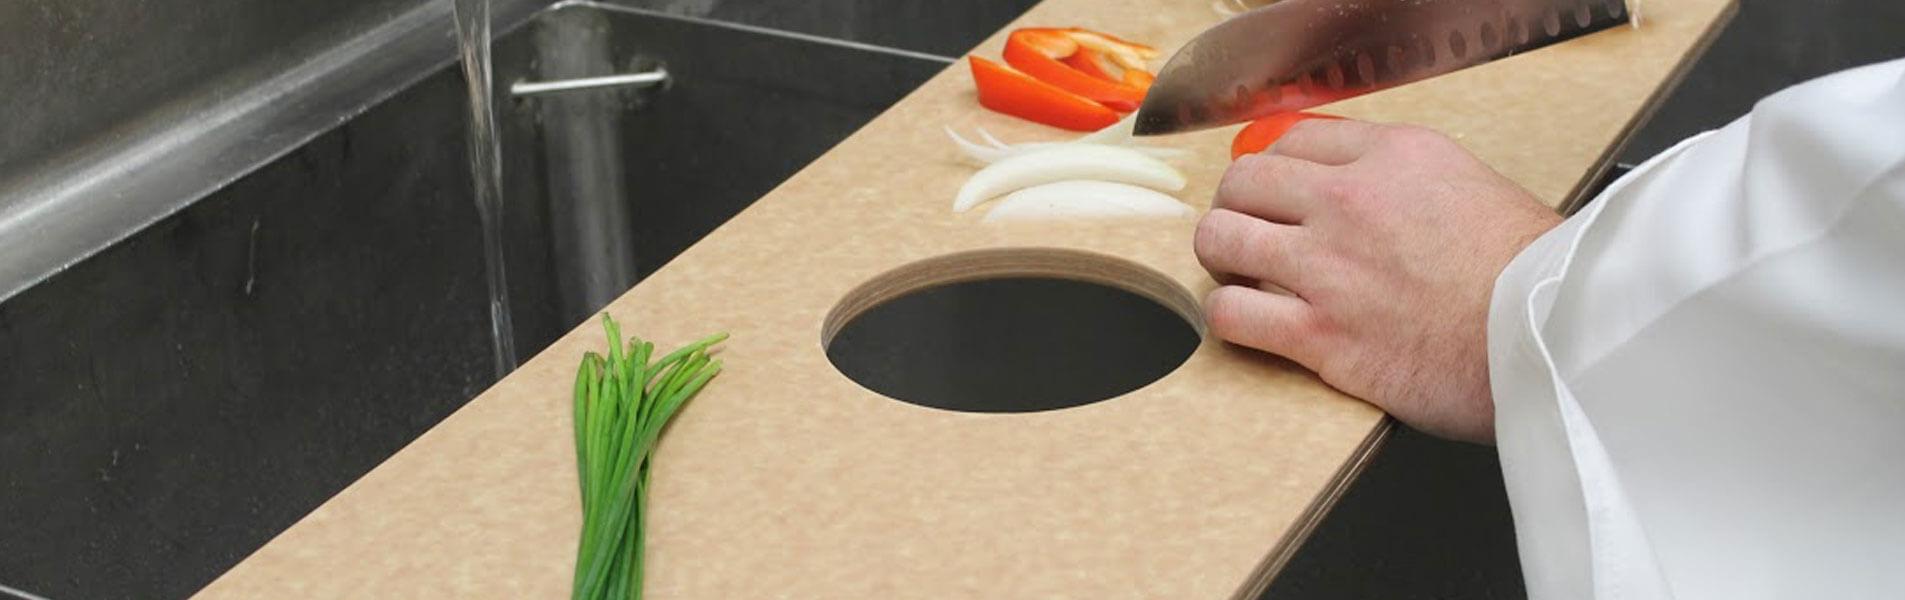 cutting board, richlite cutting board, cutting board company